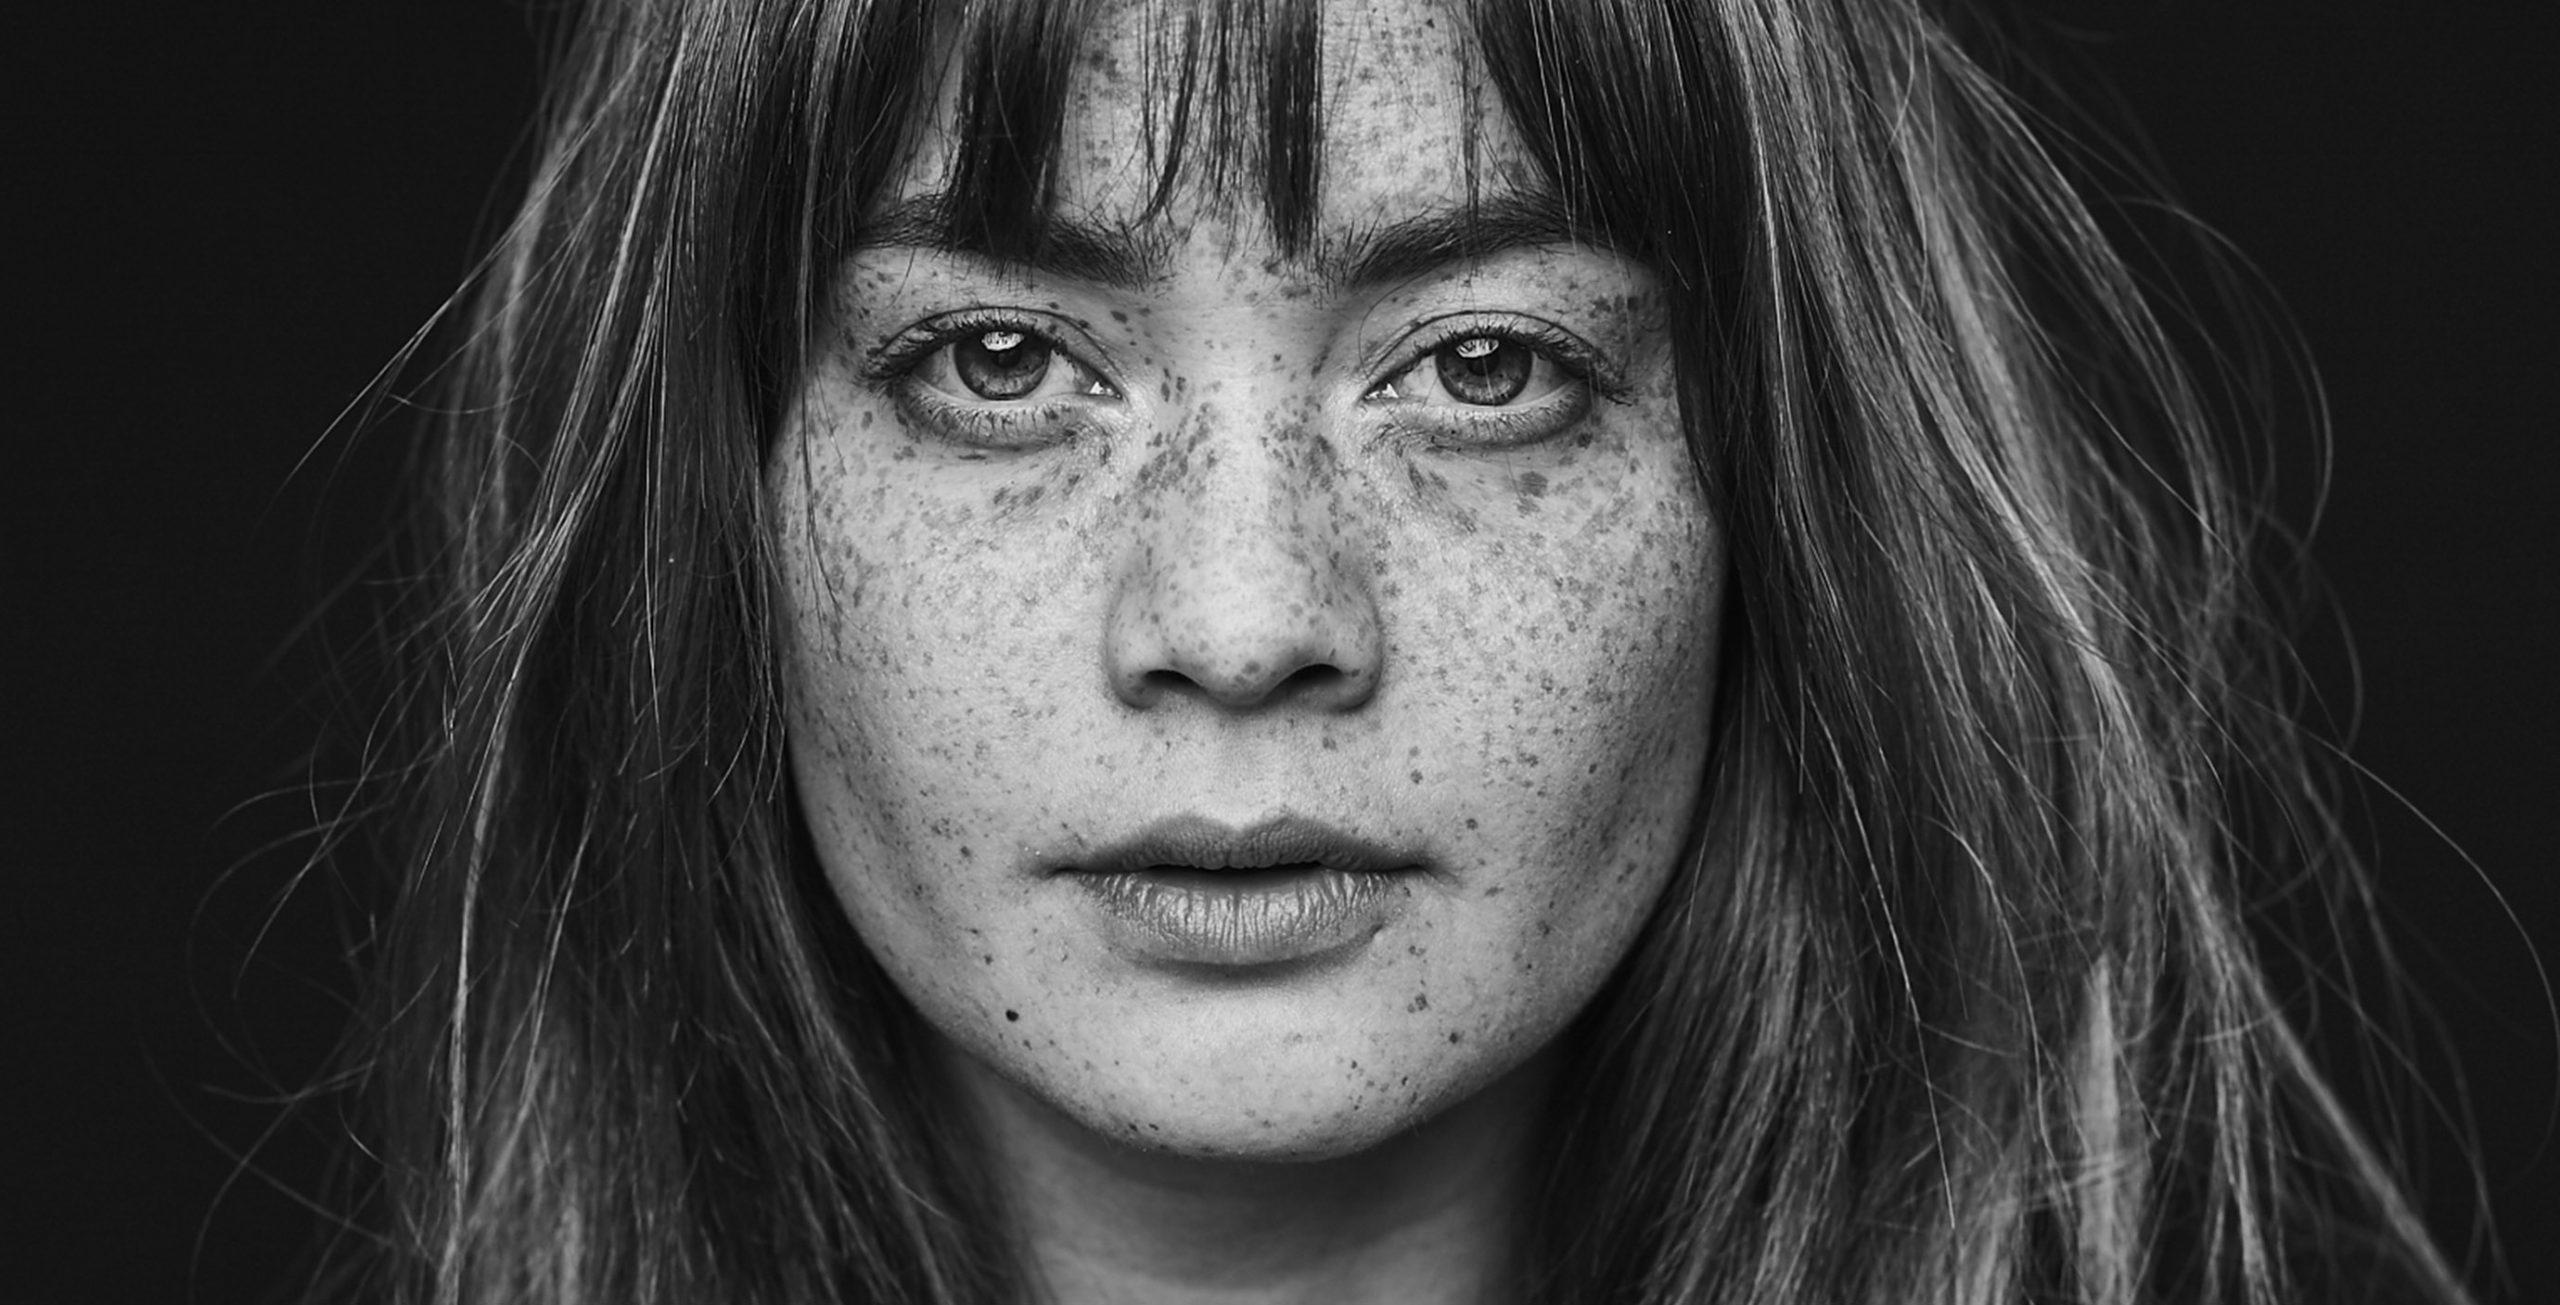 melissa van beek mlssvnbk zwart wit sproeten portret fotografie